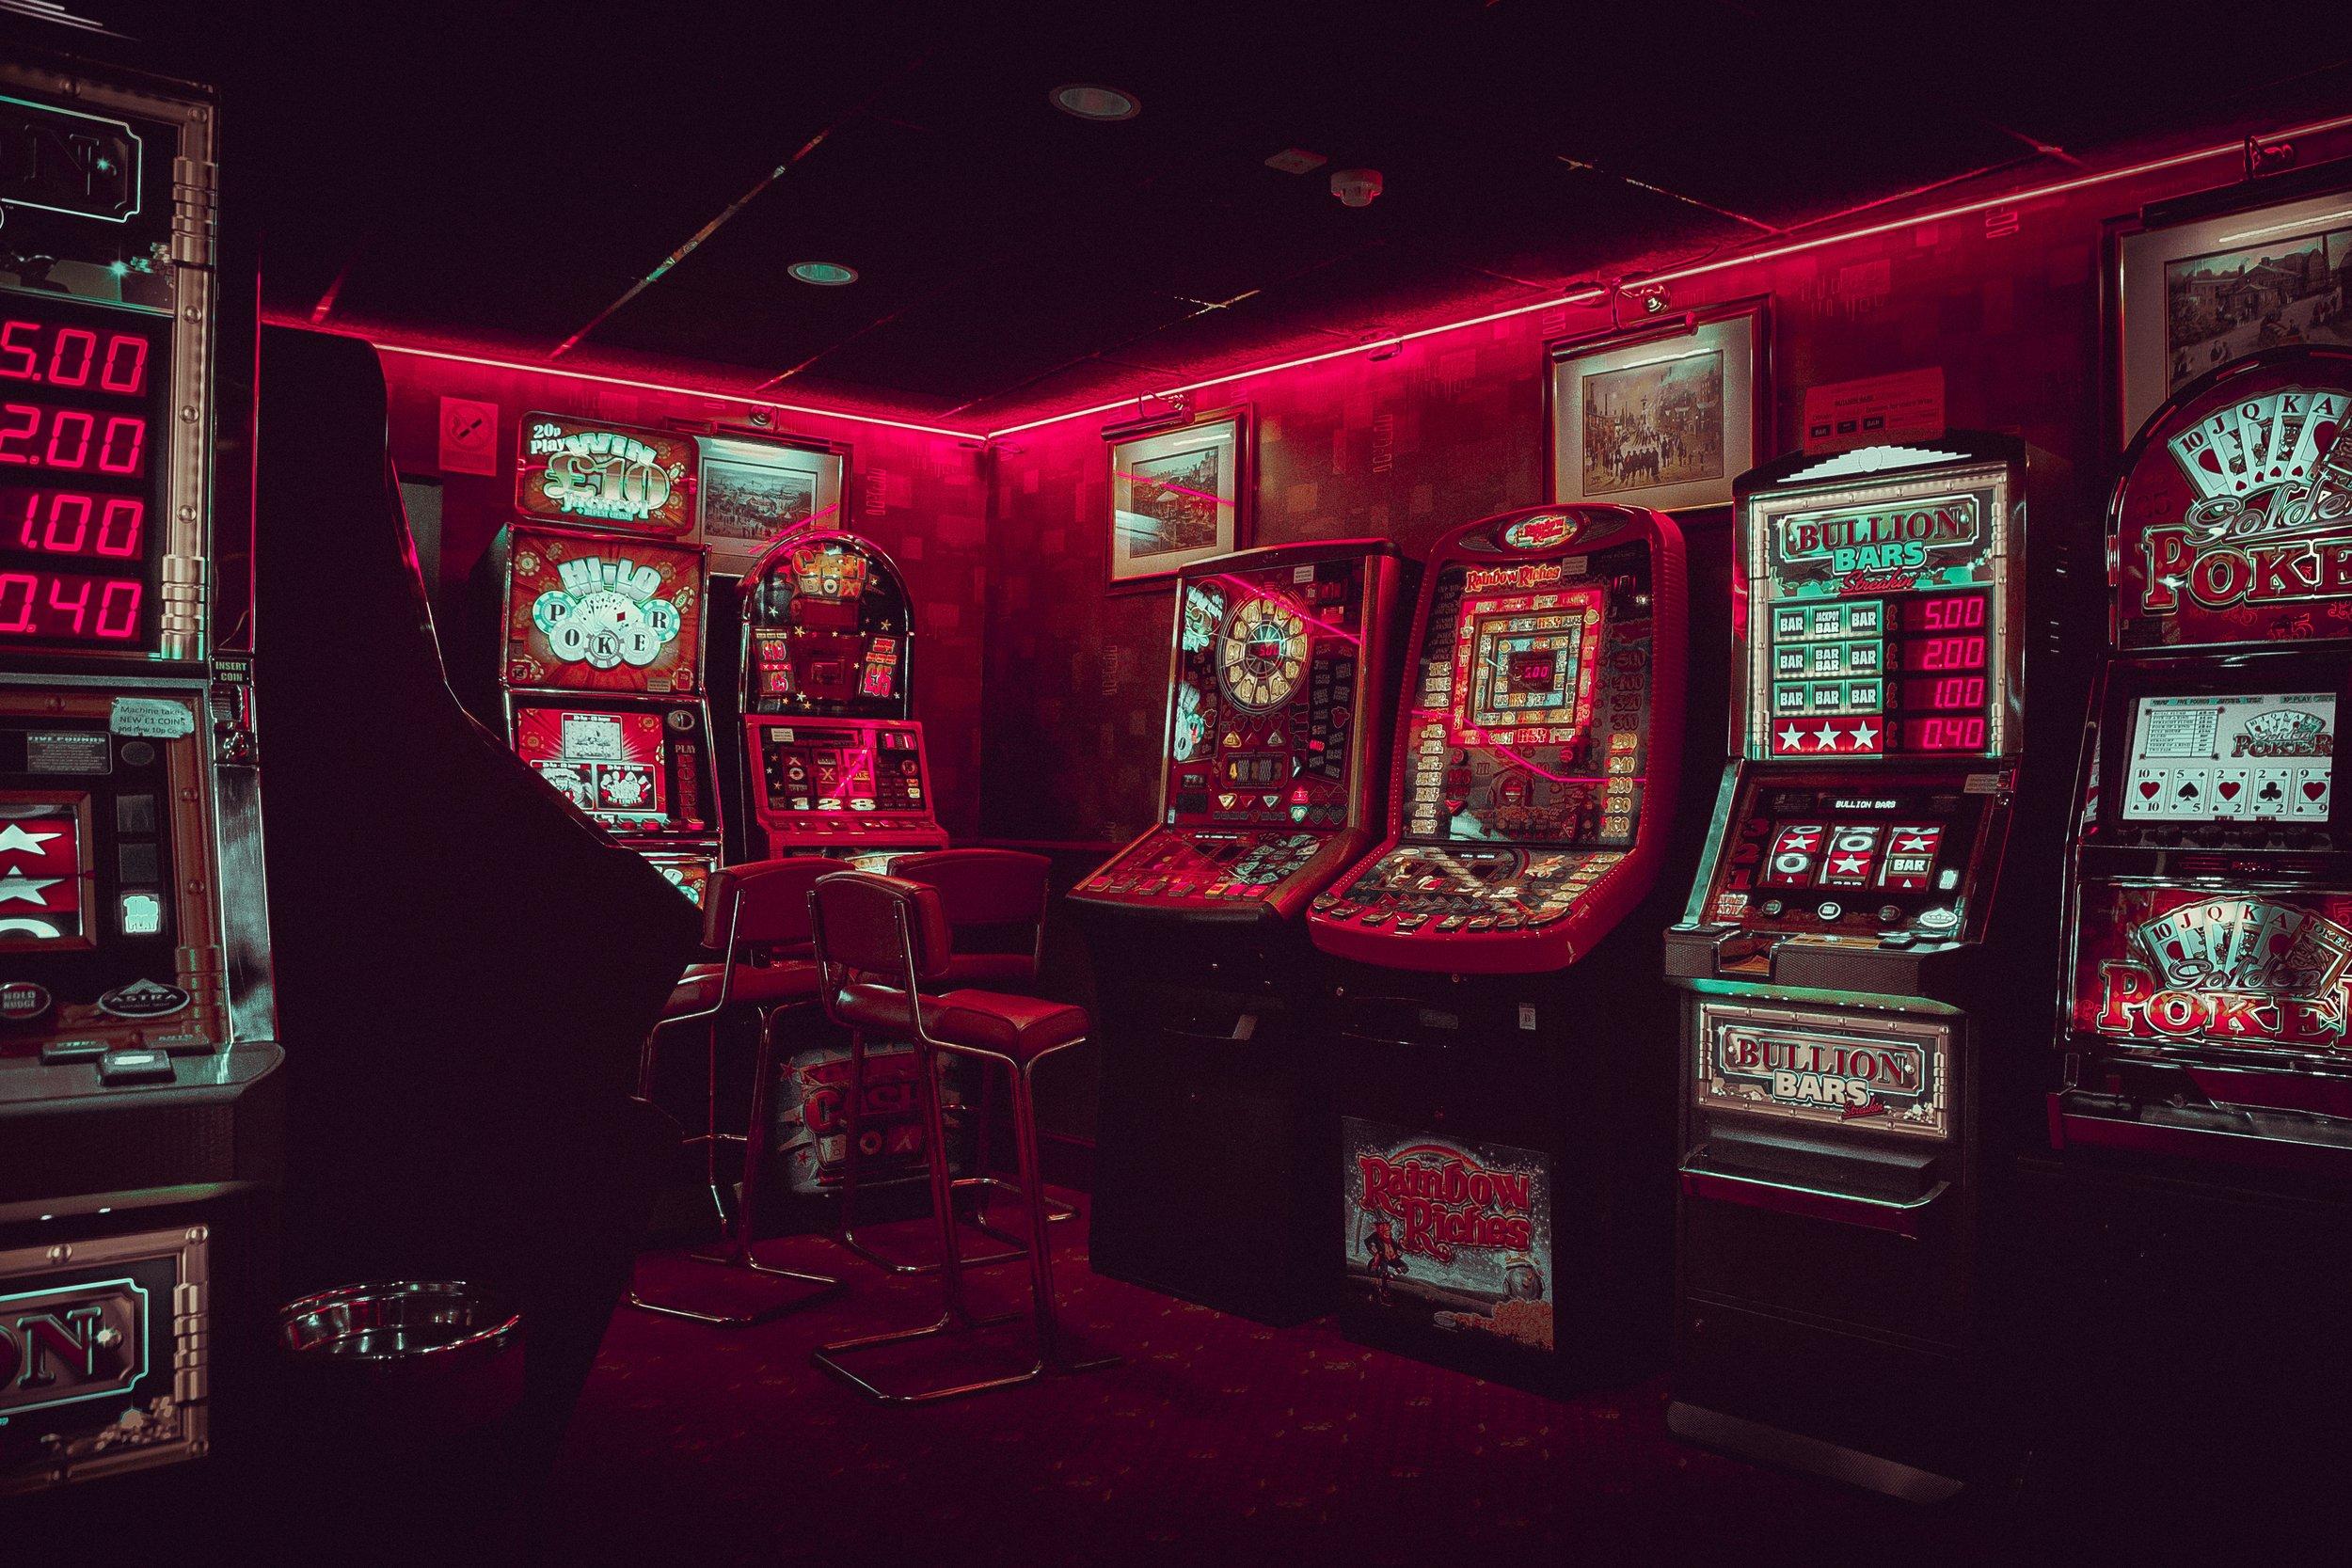 Arcade Night -